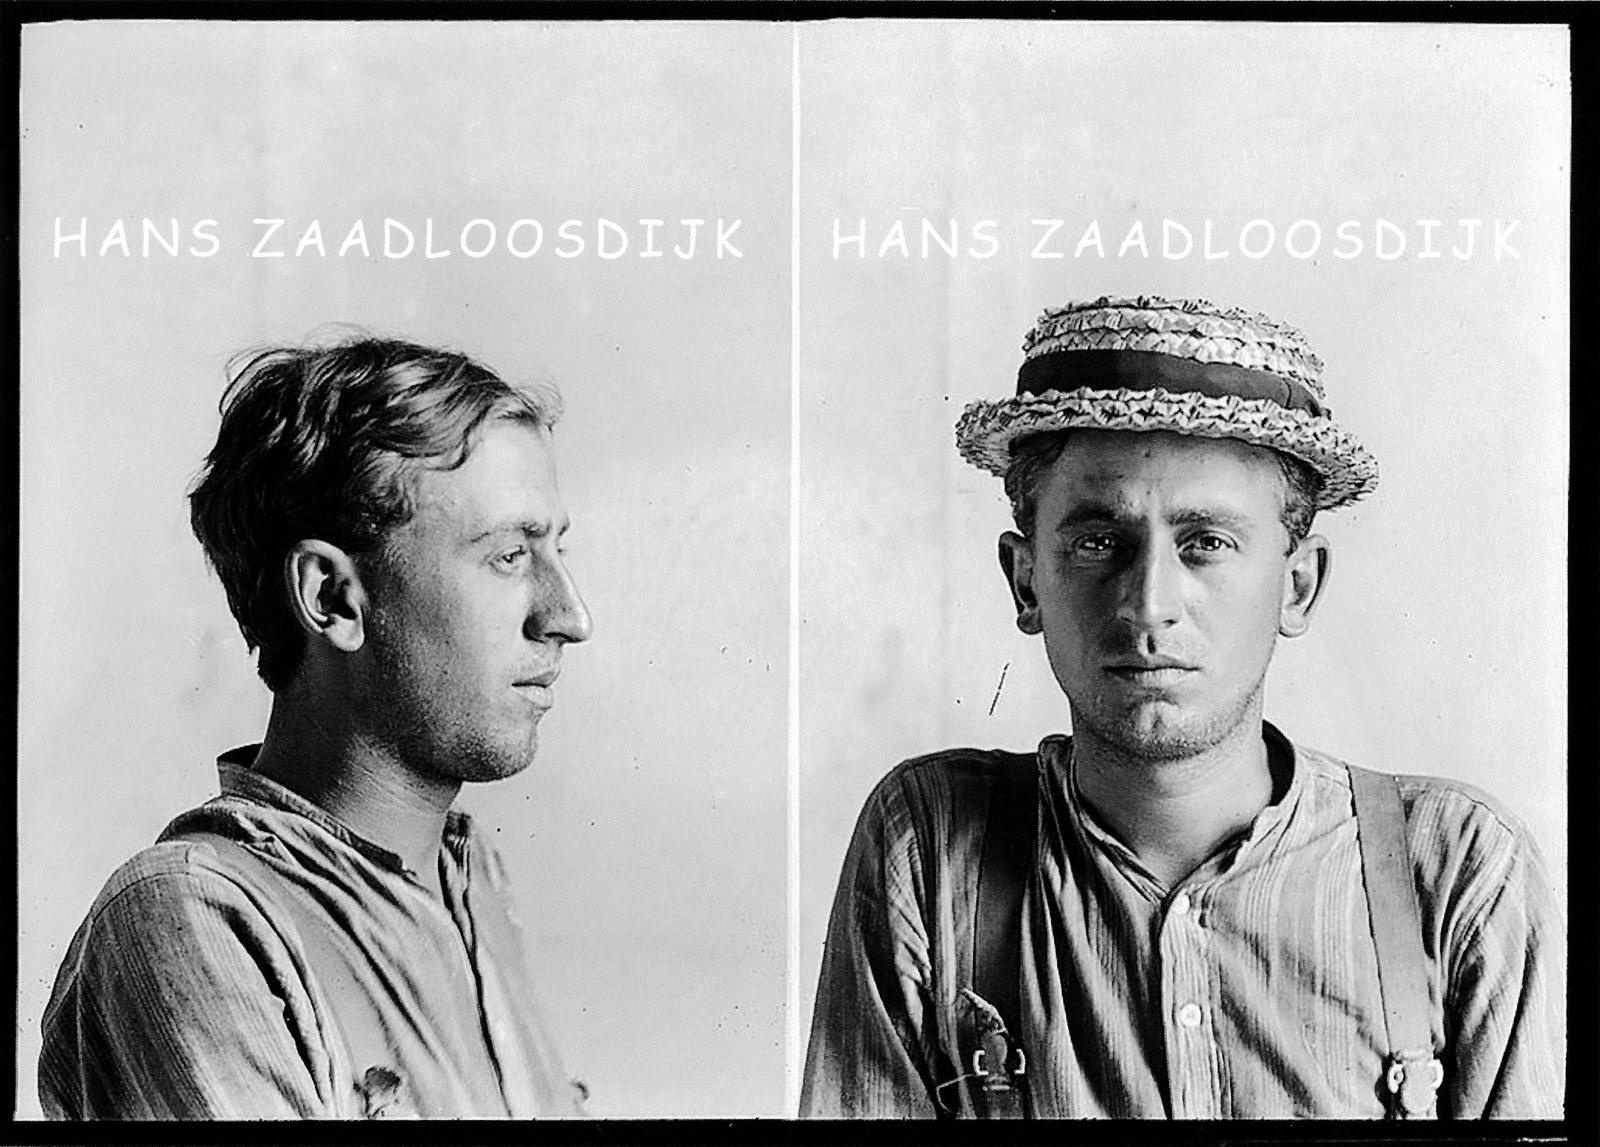 Hans Zaadloosdijk, Bizar Verhaal